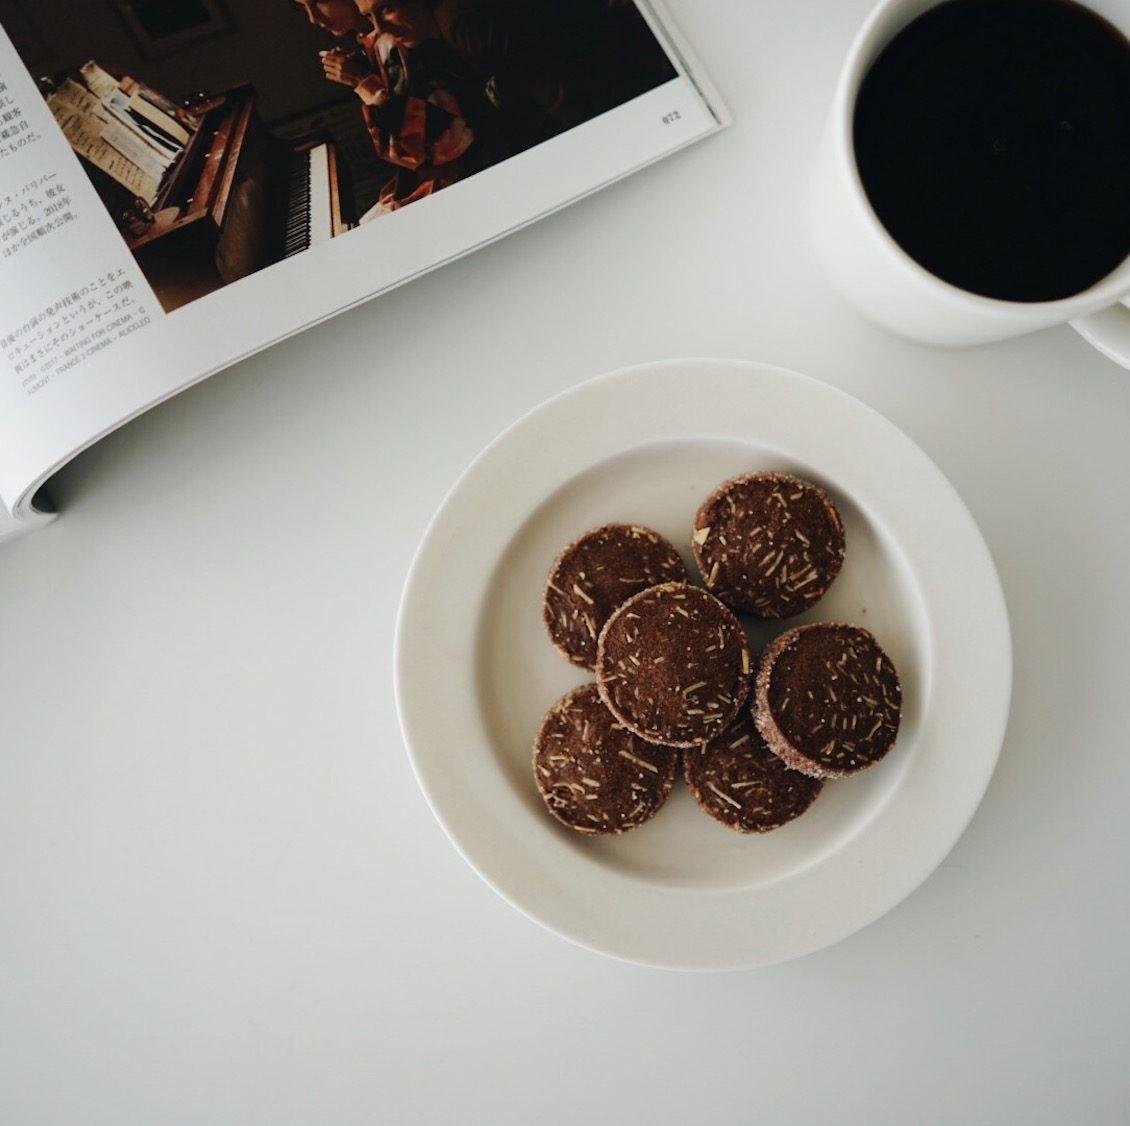 【僕のおやつ日記】】お菓子づくりの舞台裏。クッキーボックス裏話をご紹介します。